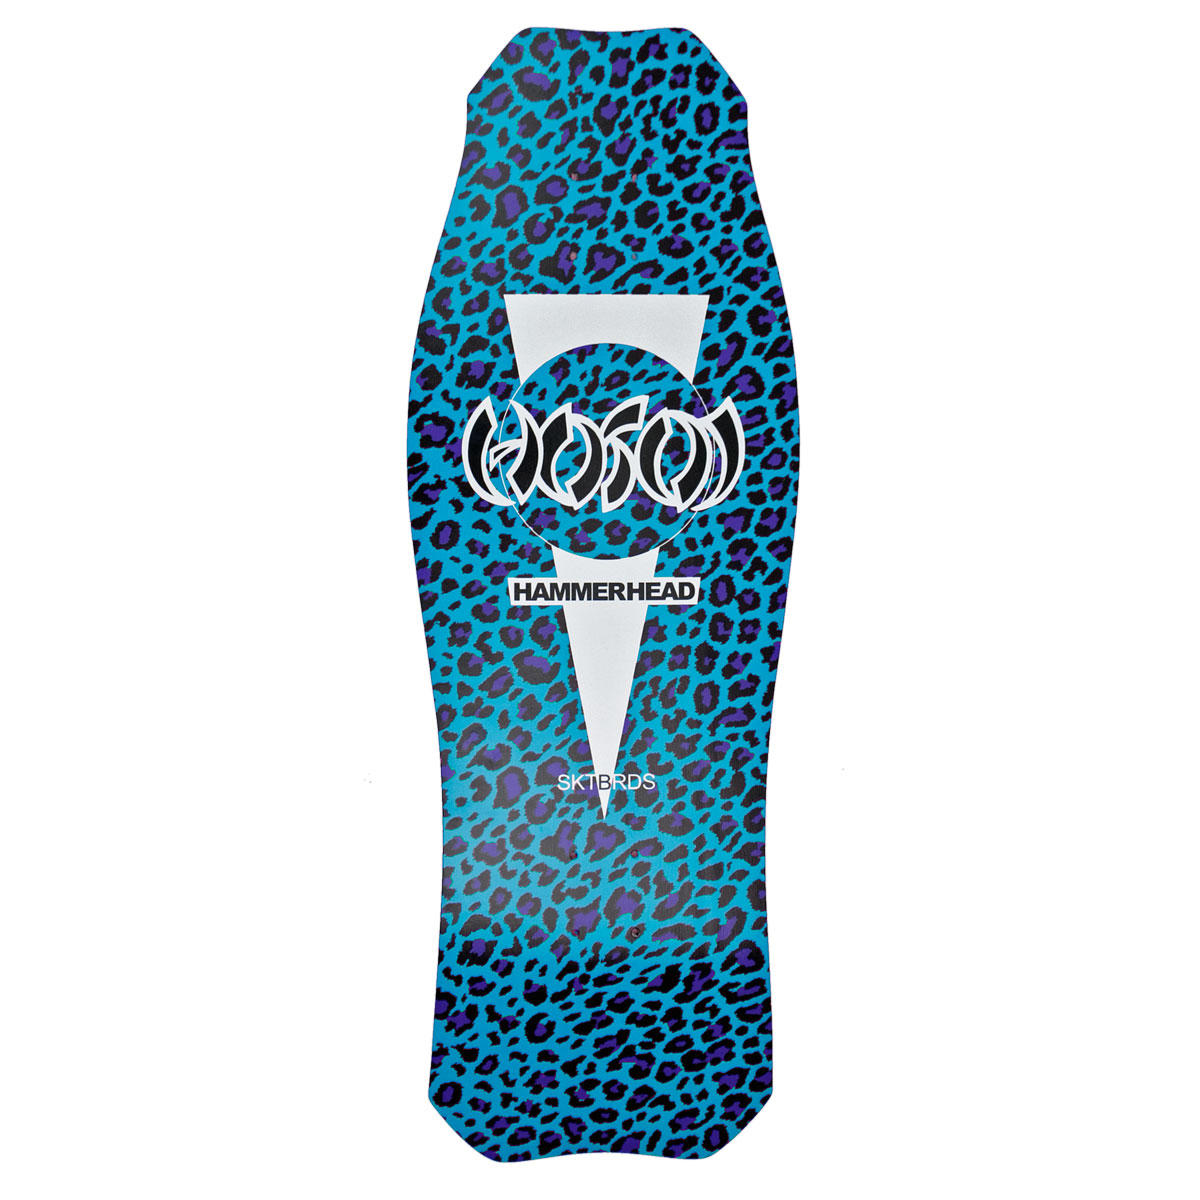 OG-Hammerhead-Blue-Leopard-Bottom.jpg